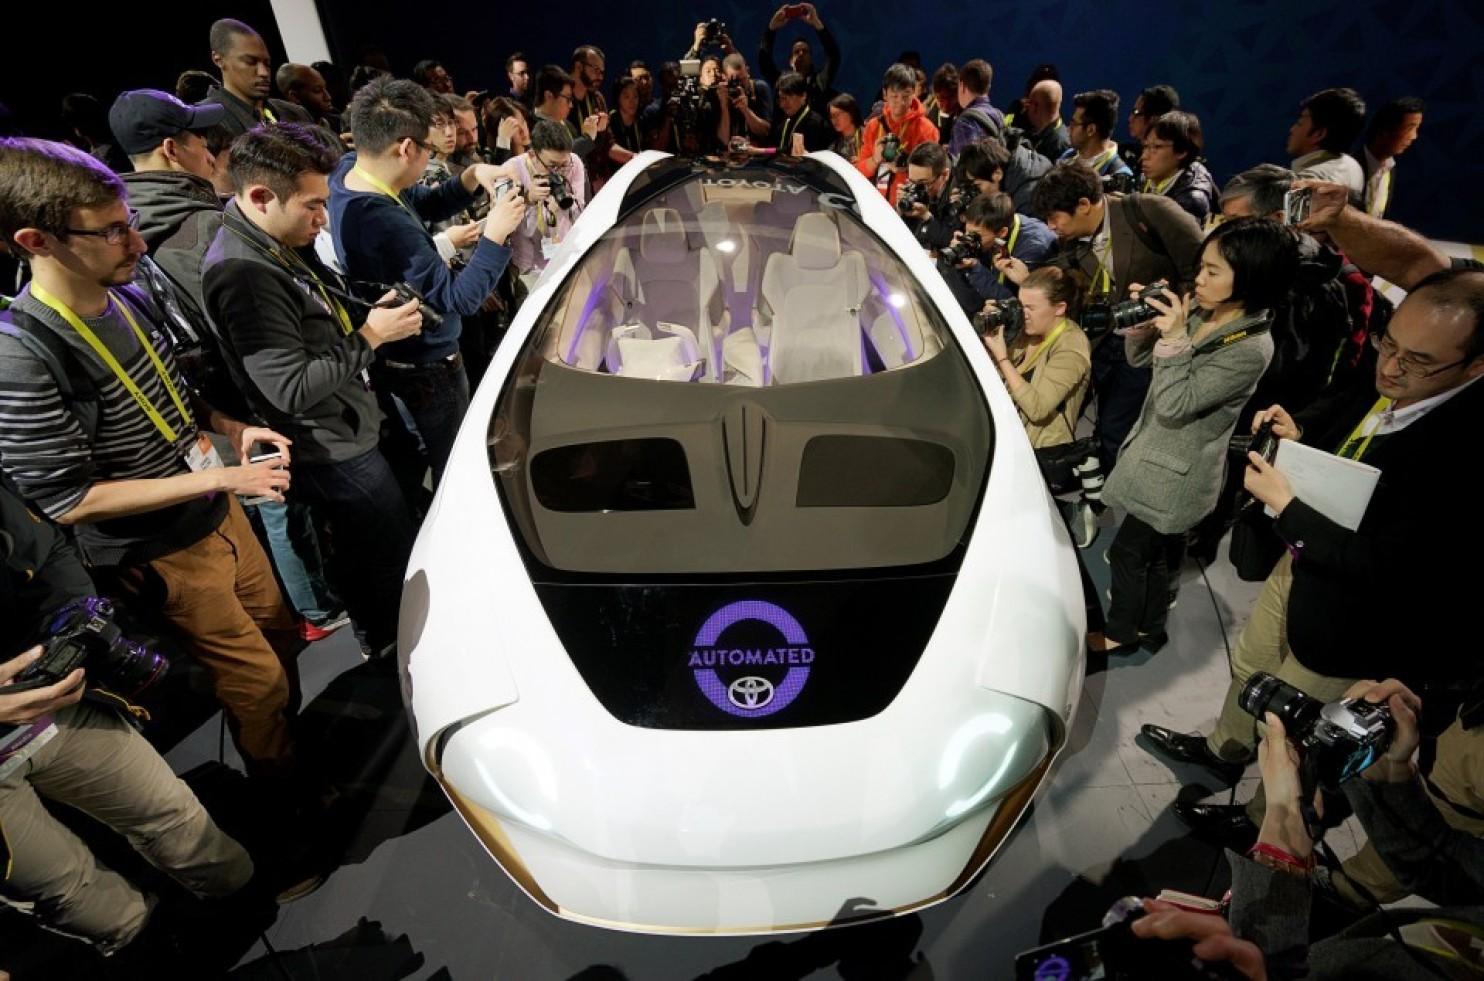 با خوروهای مفهومی که معرفی شد ، وسایل نقلیه هوندا و تویوتا به پیشگامان خودروهای آرمانی و تکنولوژی تبدیل می شوند .